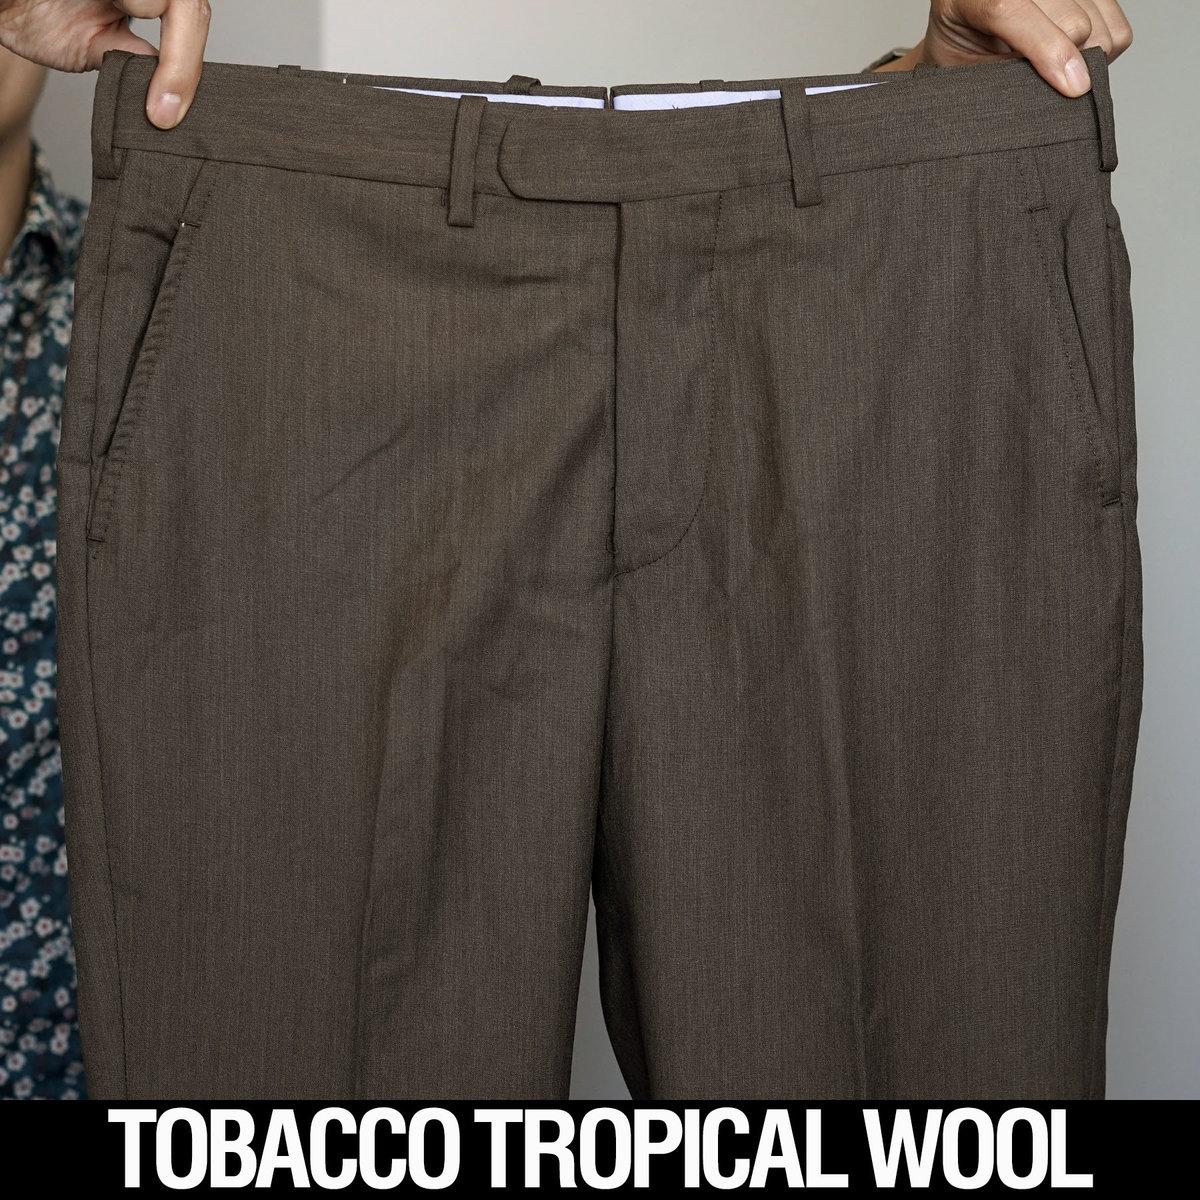 Tobacco Tropical Wool.jpg